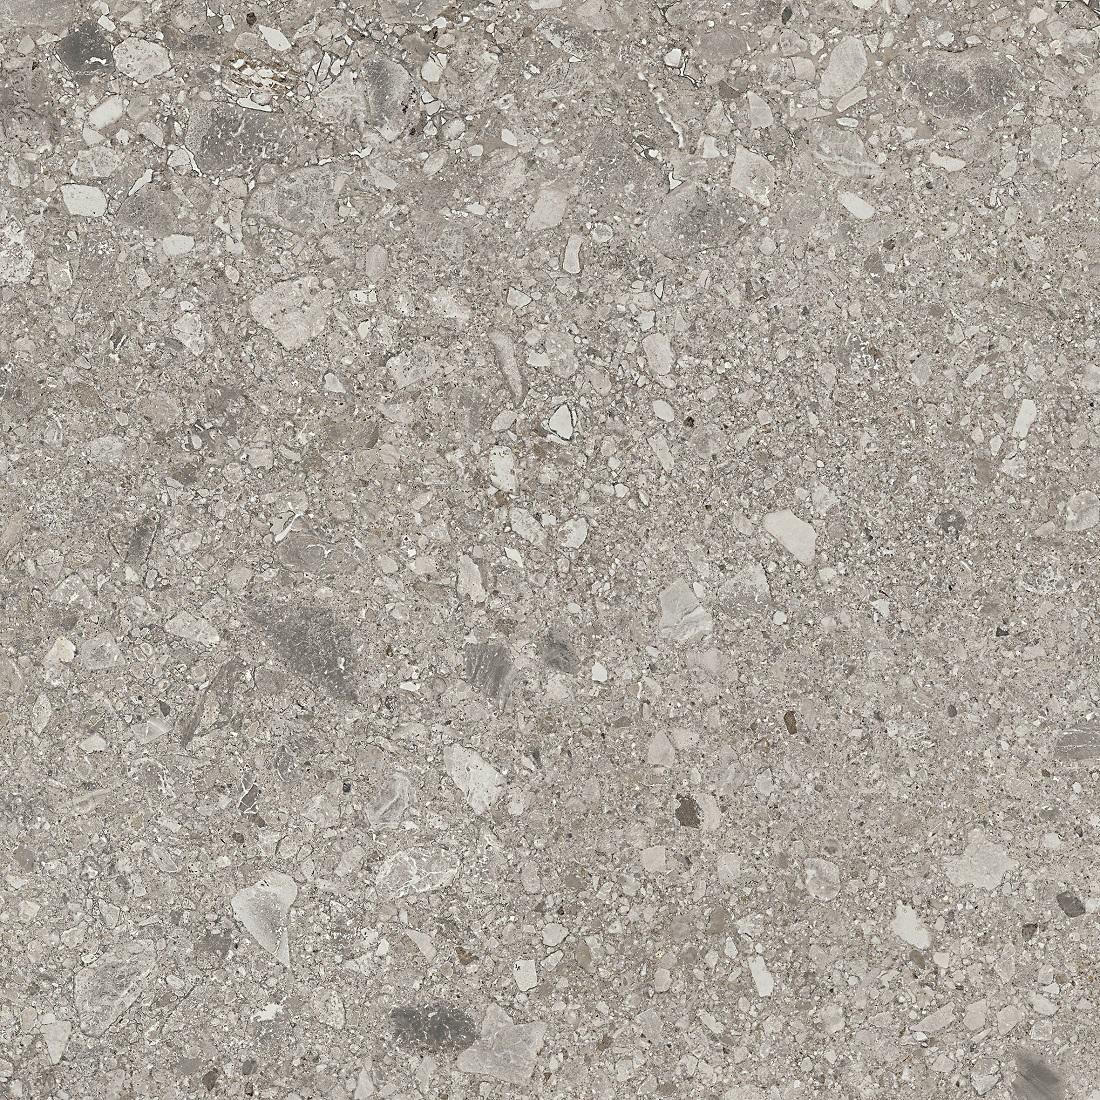 Marazzi_Mystone_Ceppo_Di_Gre Greige 30×30 cm